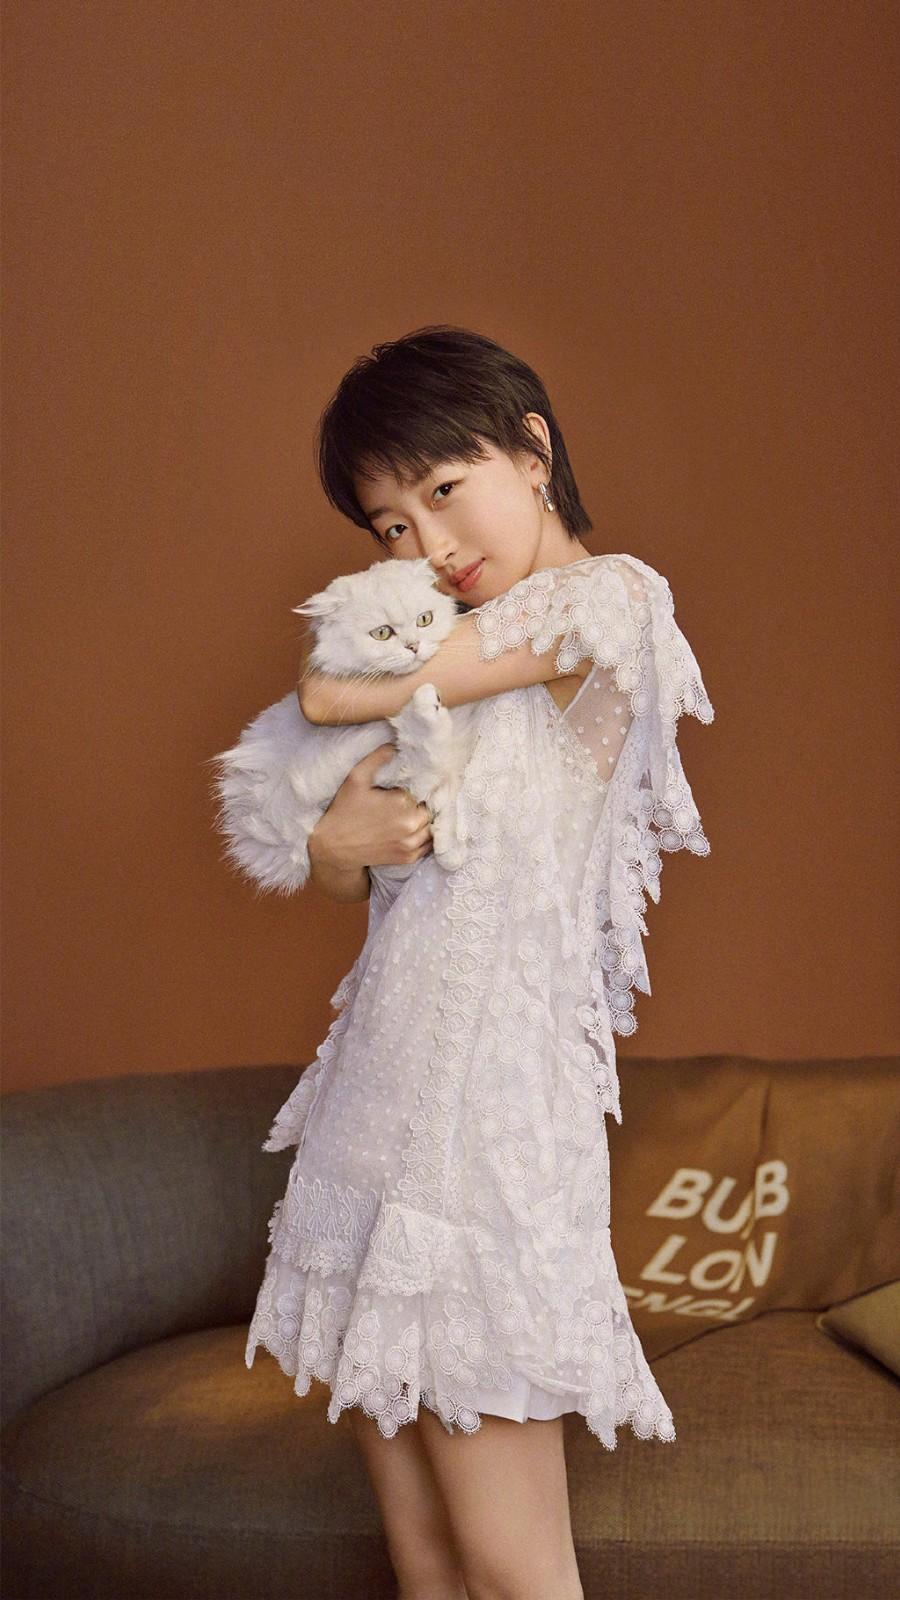 真佩服周冬雨,穿1万8的白裙比原版超模还可爱,怀抱猫咪更甜了